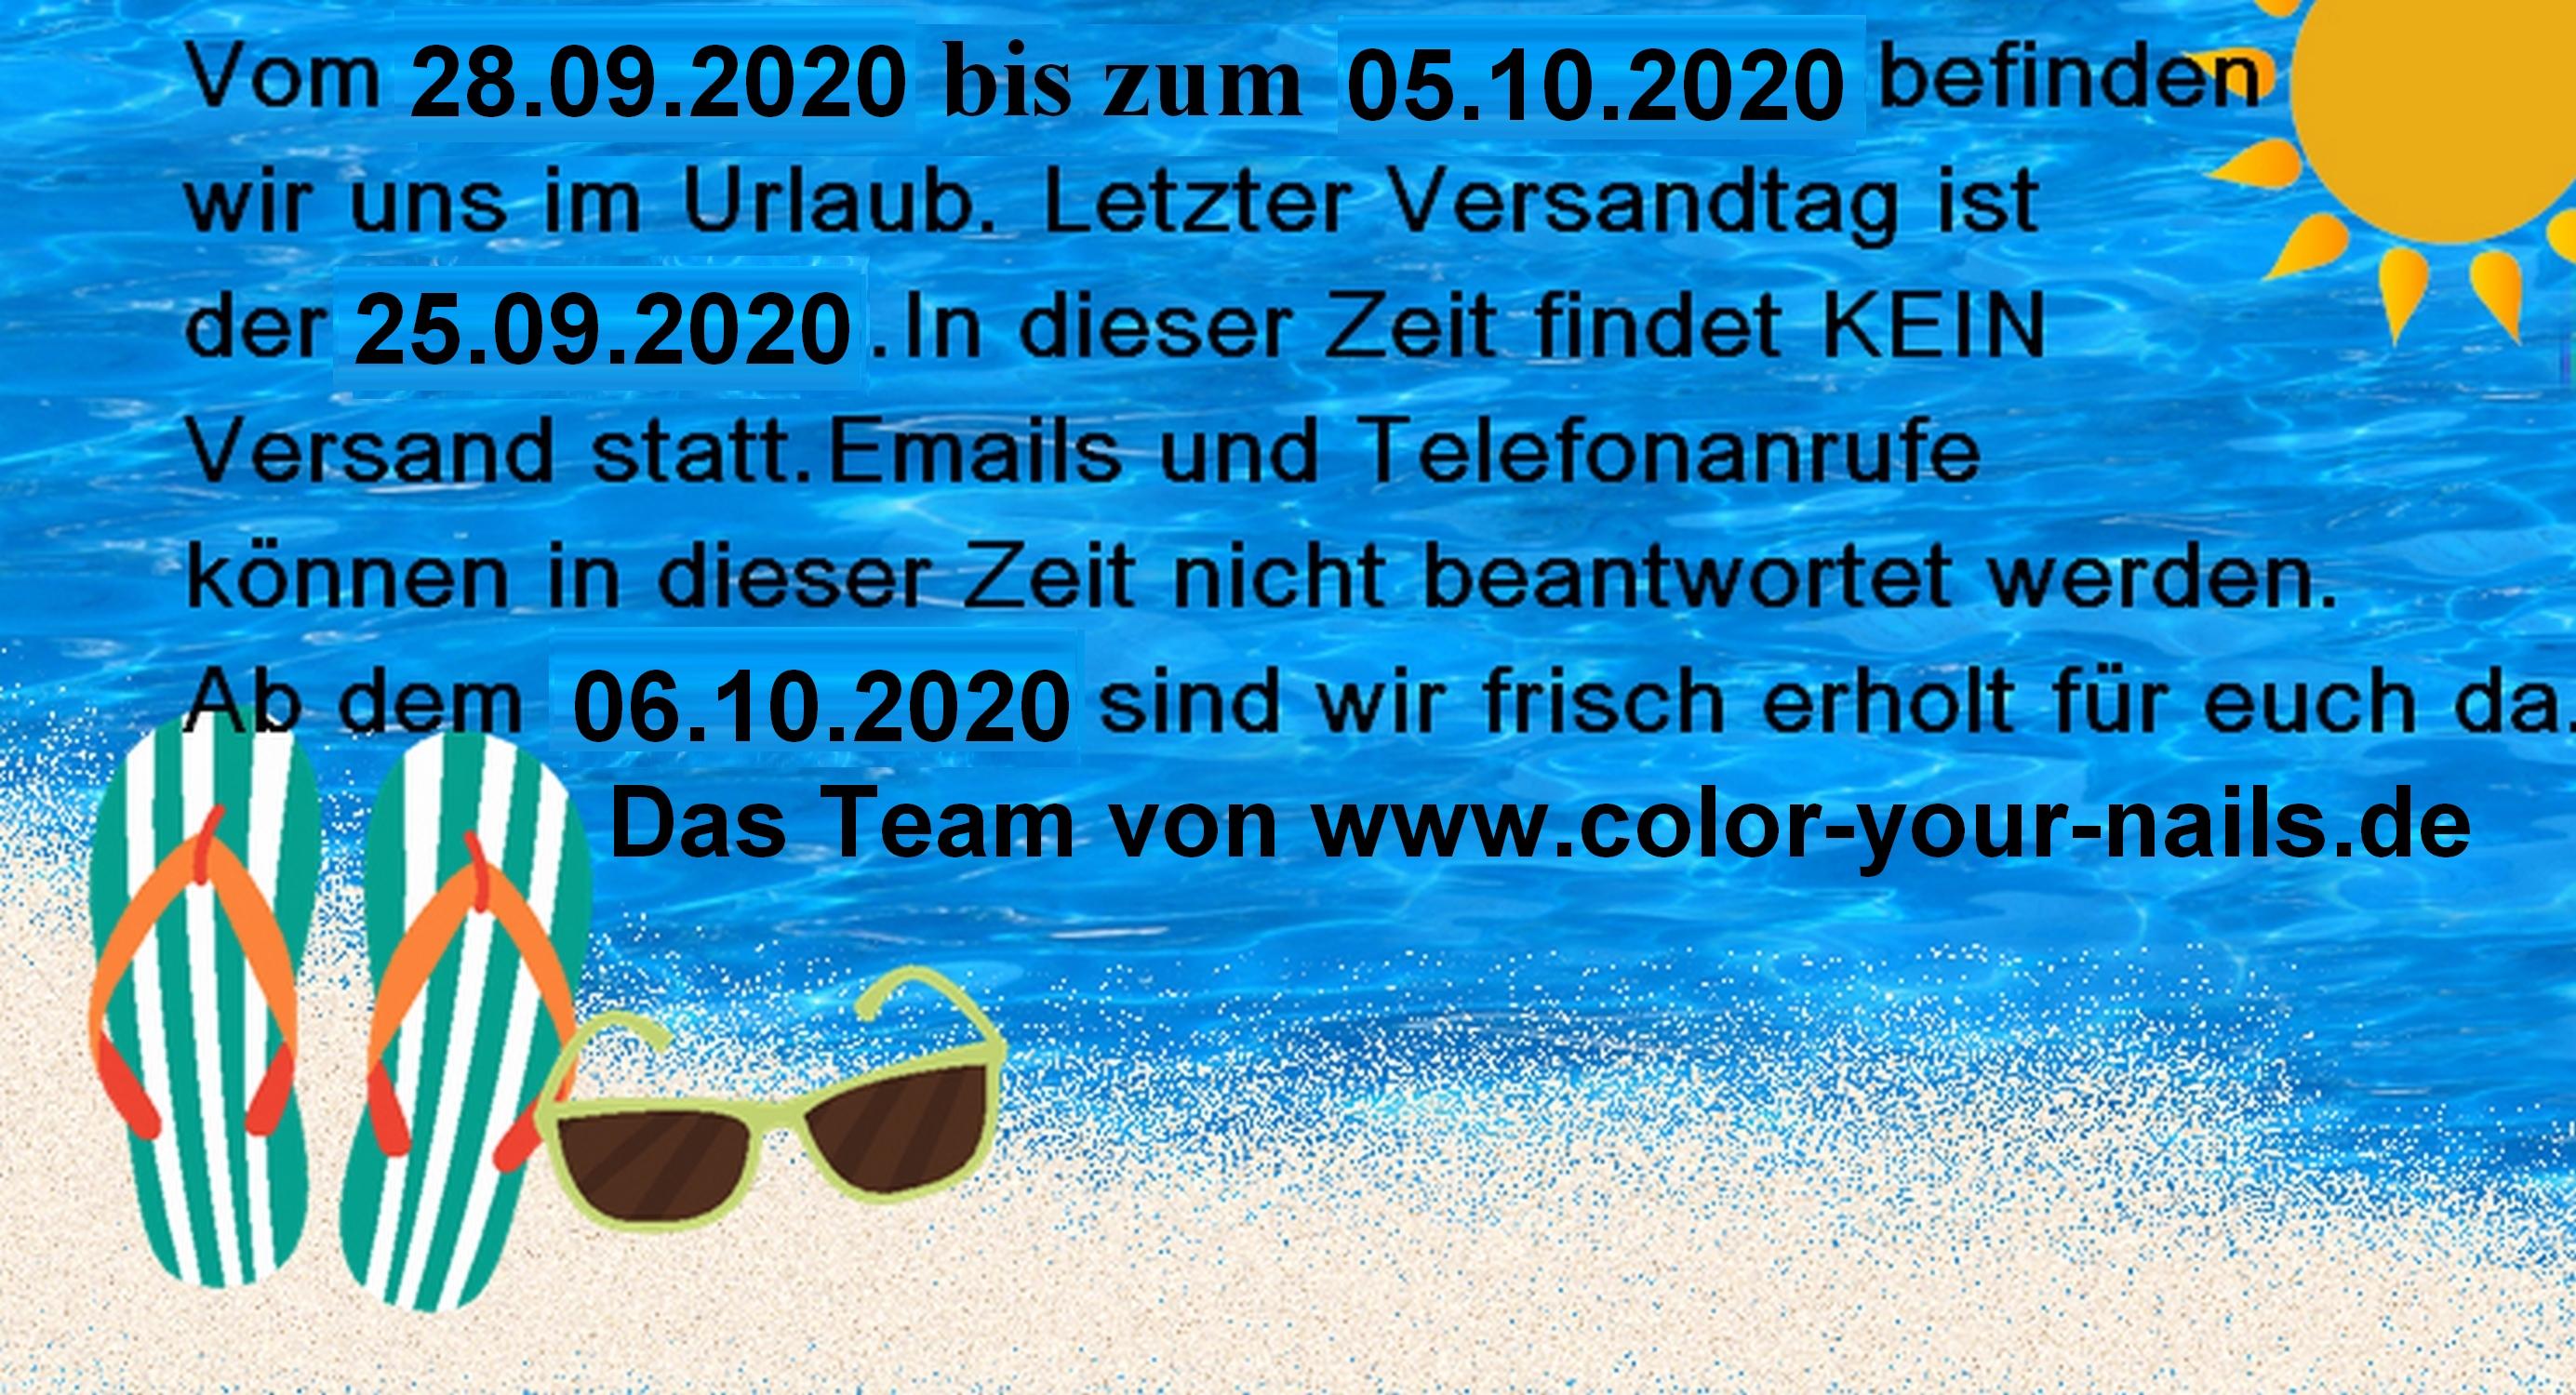 Urlaub vom 28.09. bis incl. 05.10.2020